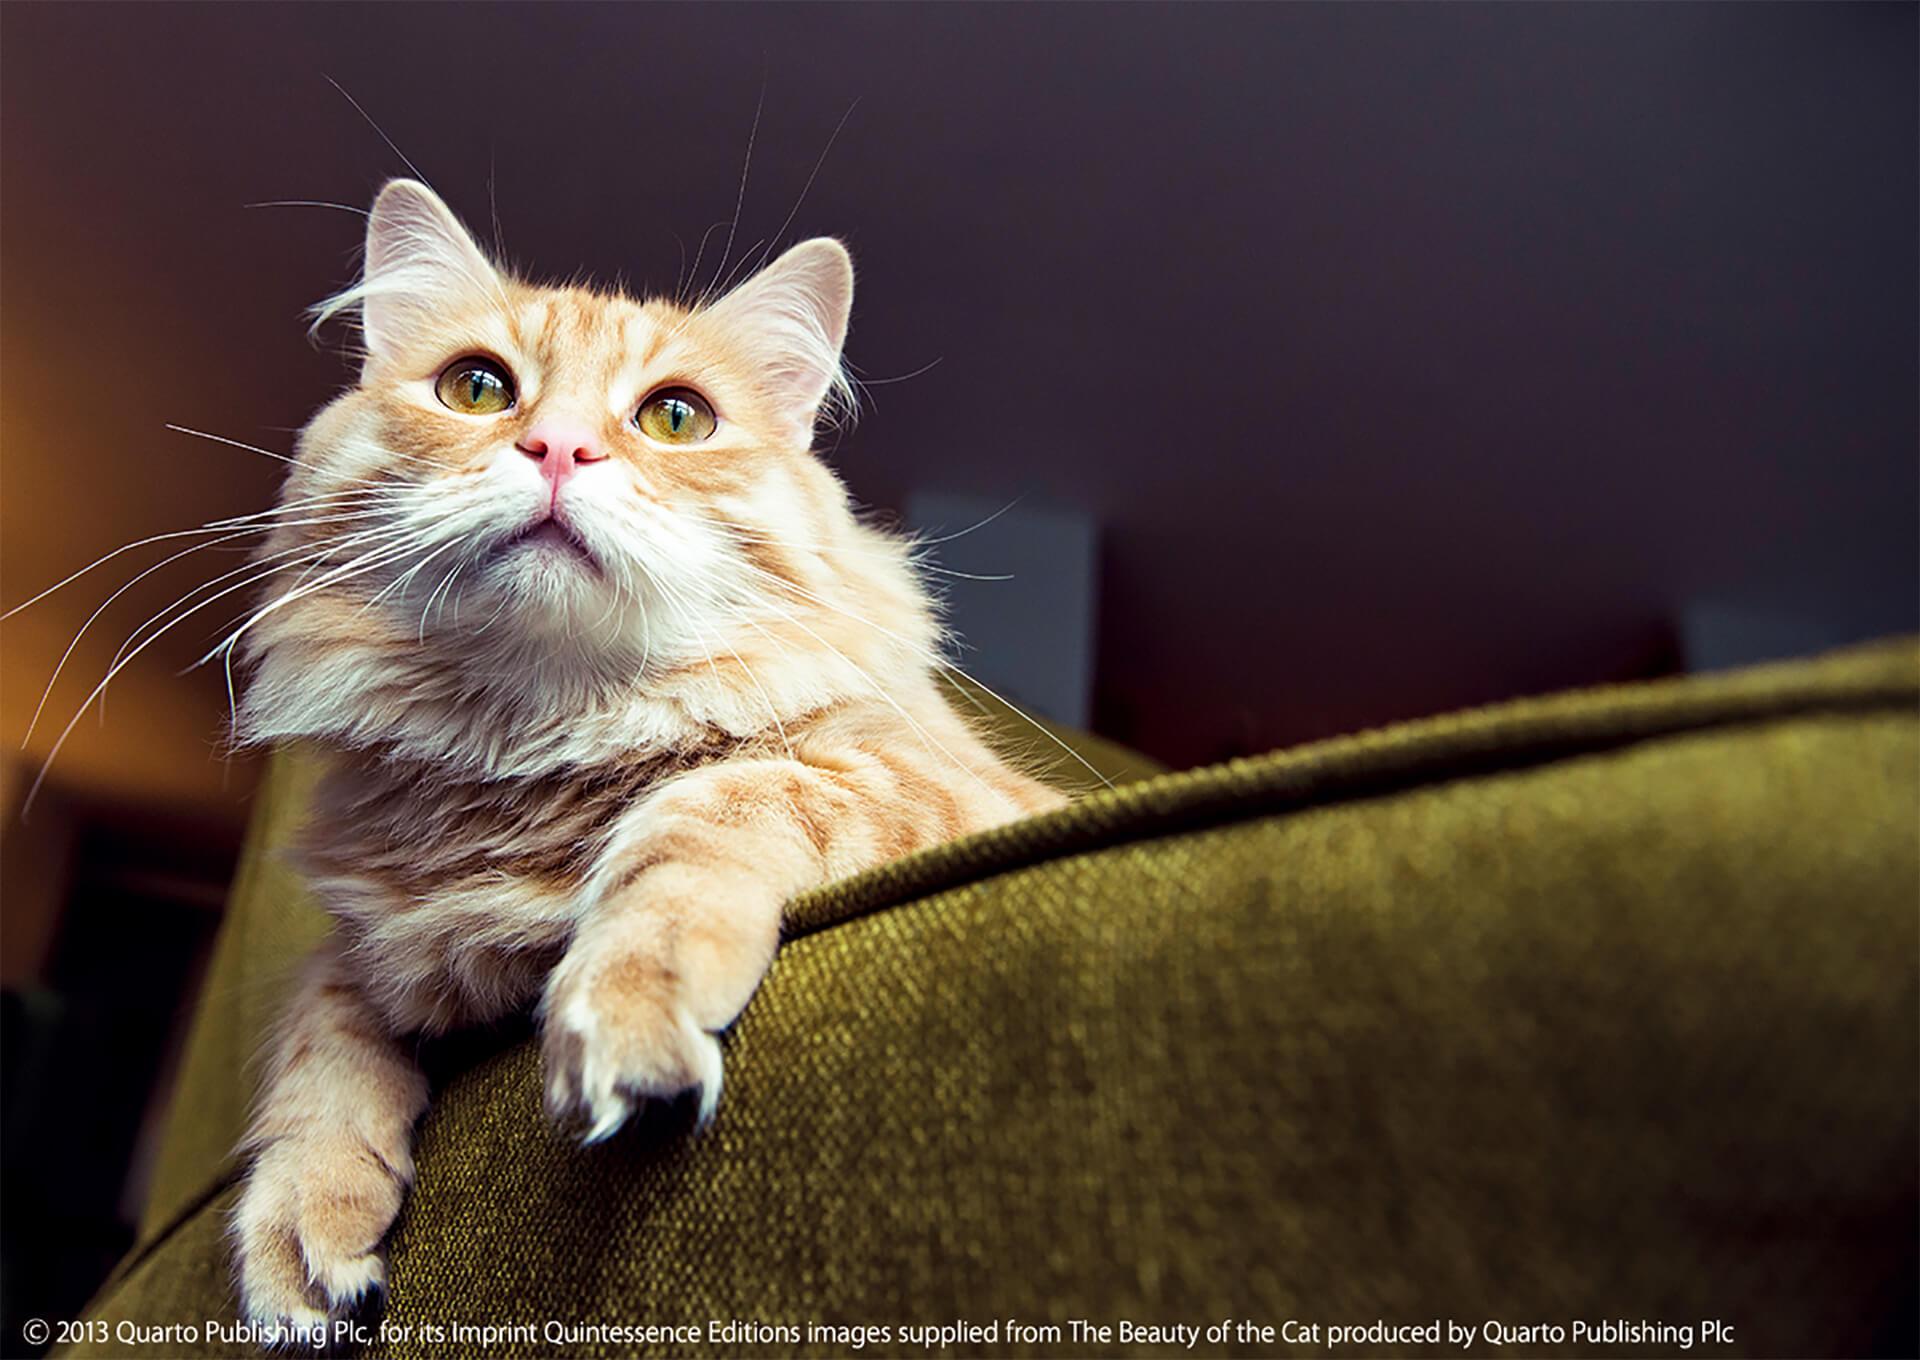 この写真はねこがかわいいだけ展の出展写真・猫がぼけっとしてます